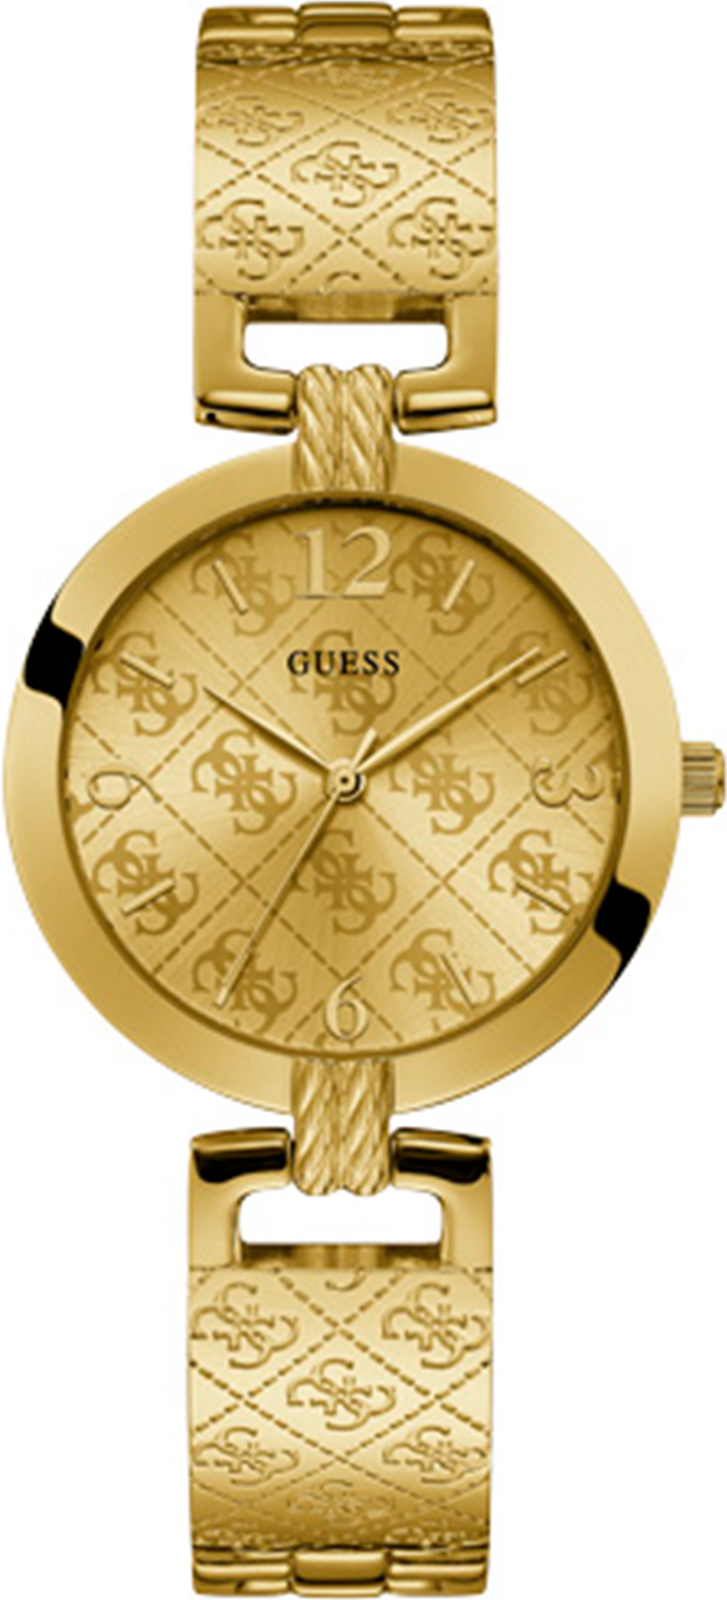 цены на Наручные часы Guess G LUXE  в интернет-магазинах